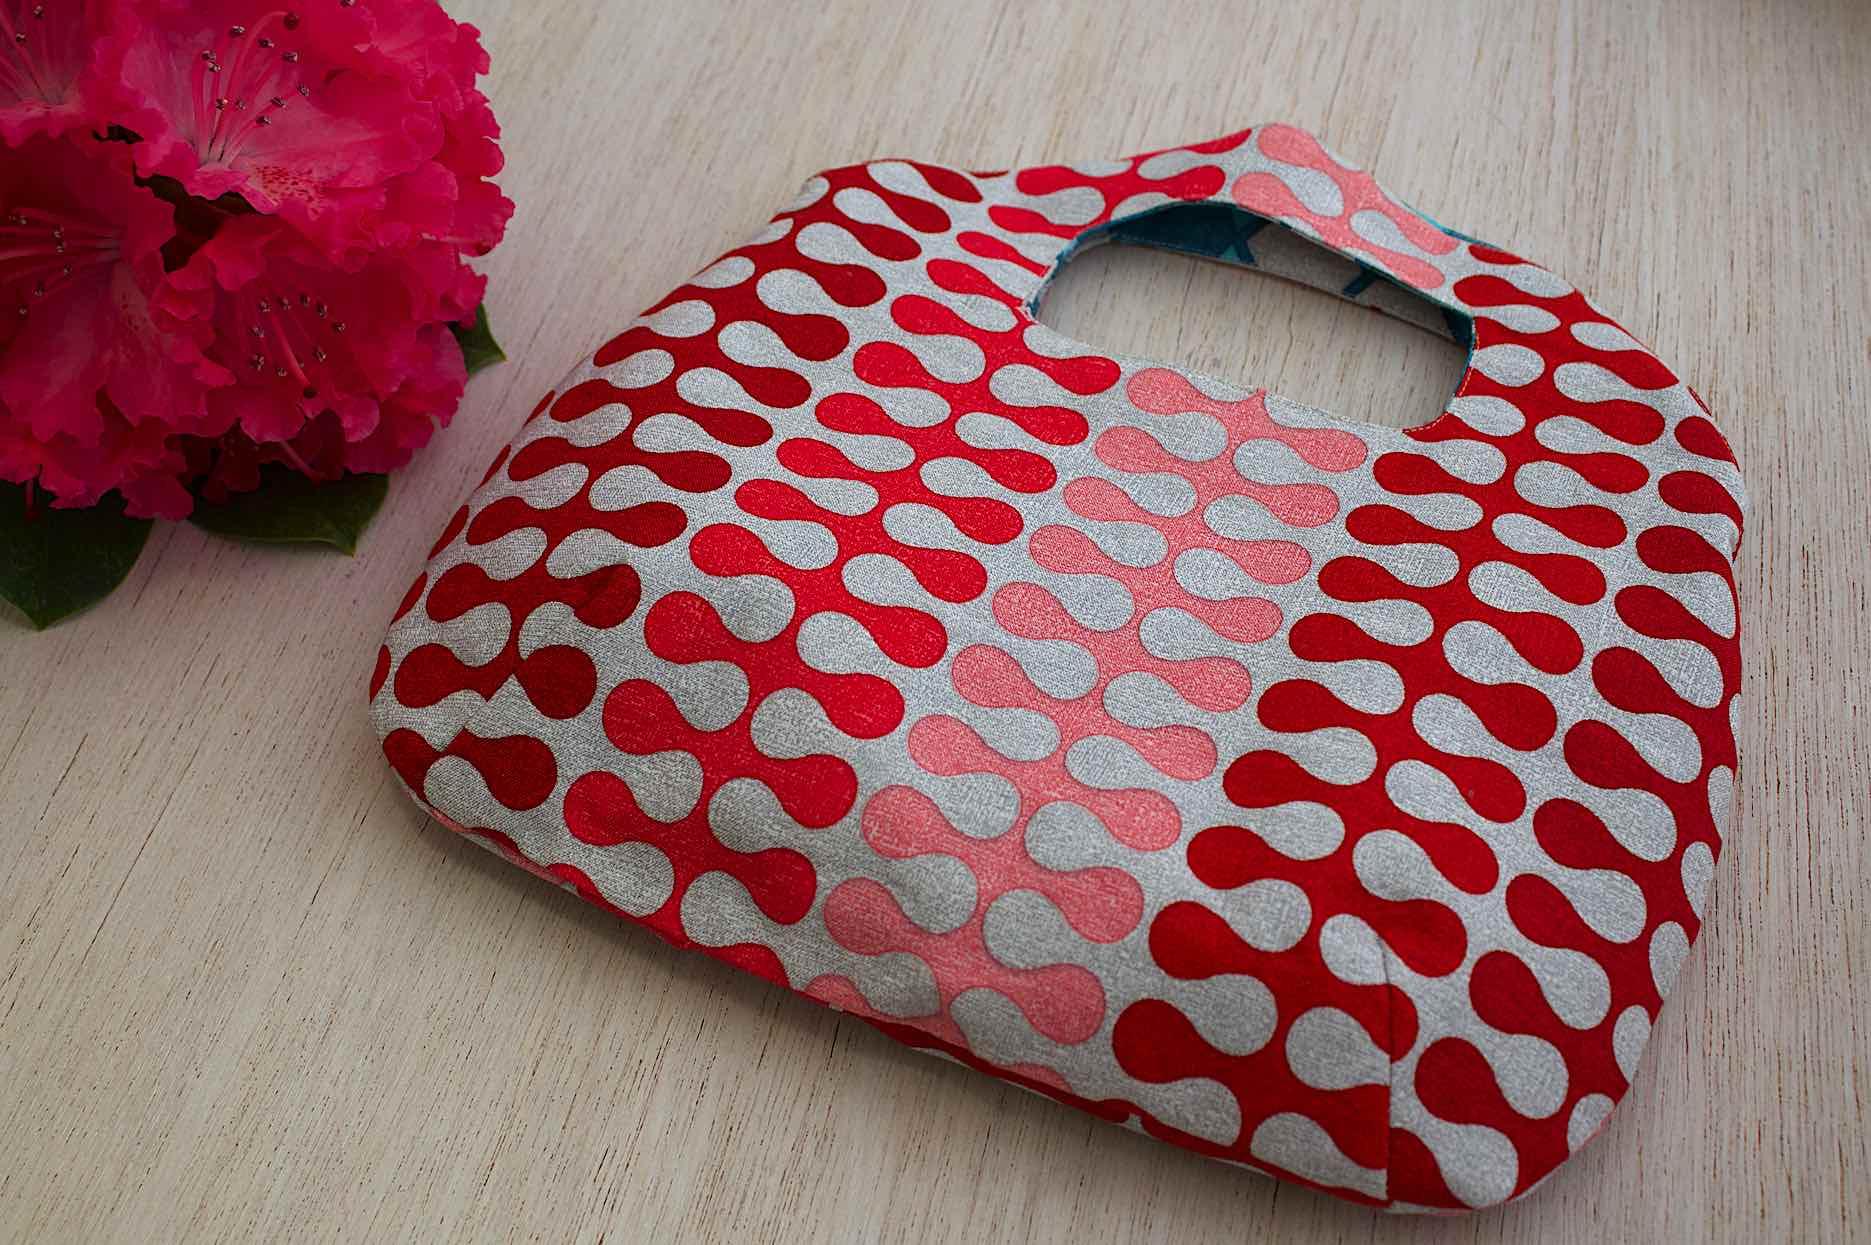 lato interno della borsa